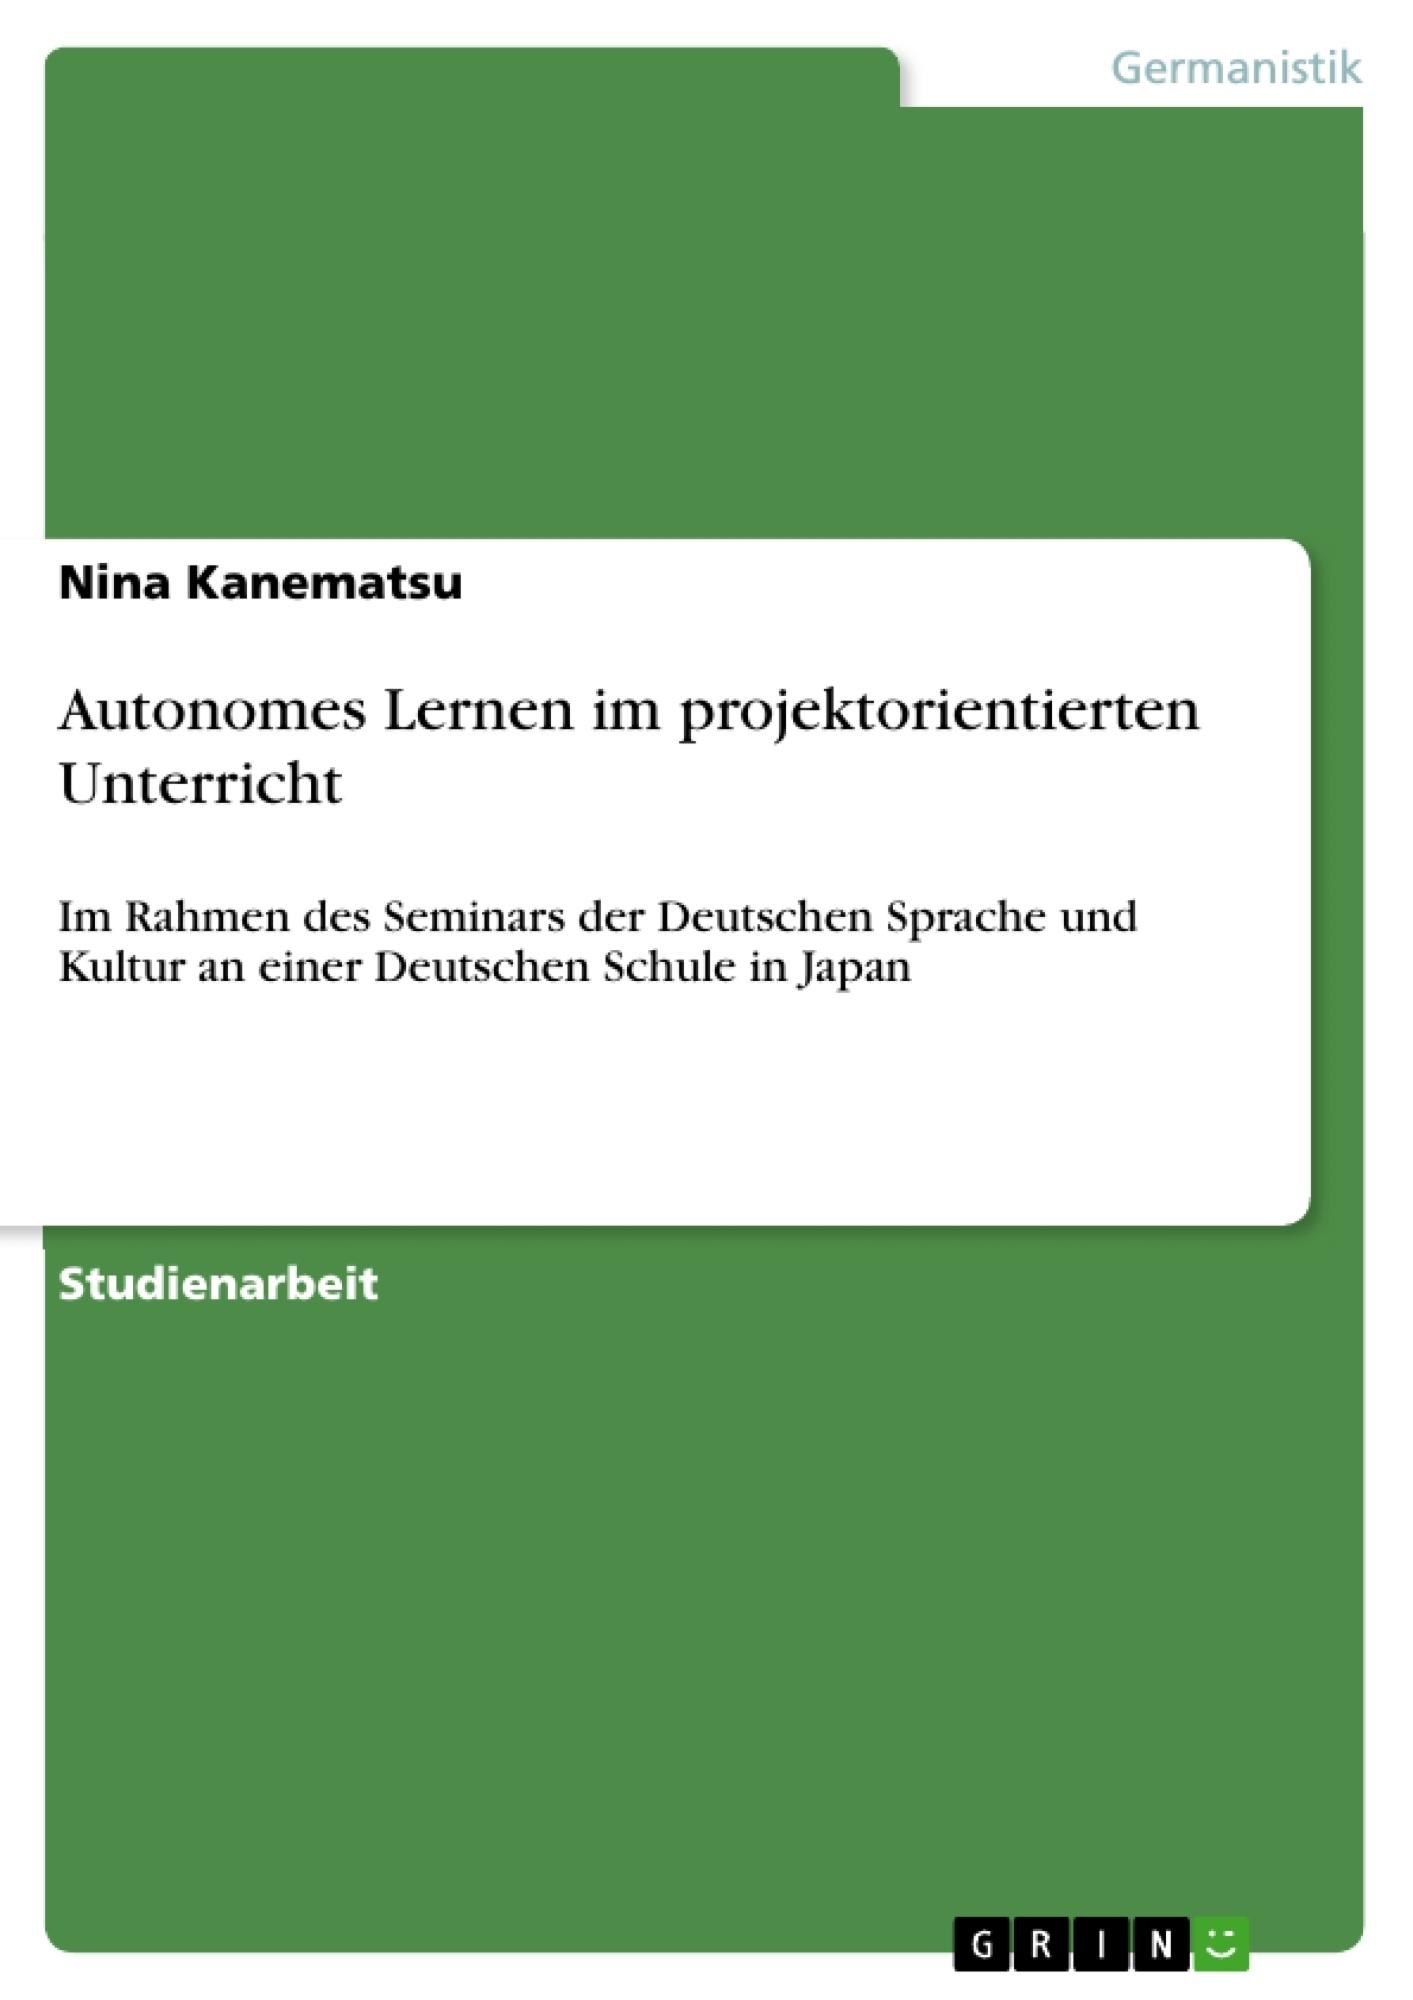 Titel: Autonomes Lernen im projektorientierten Unterricht